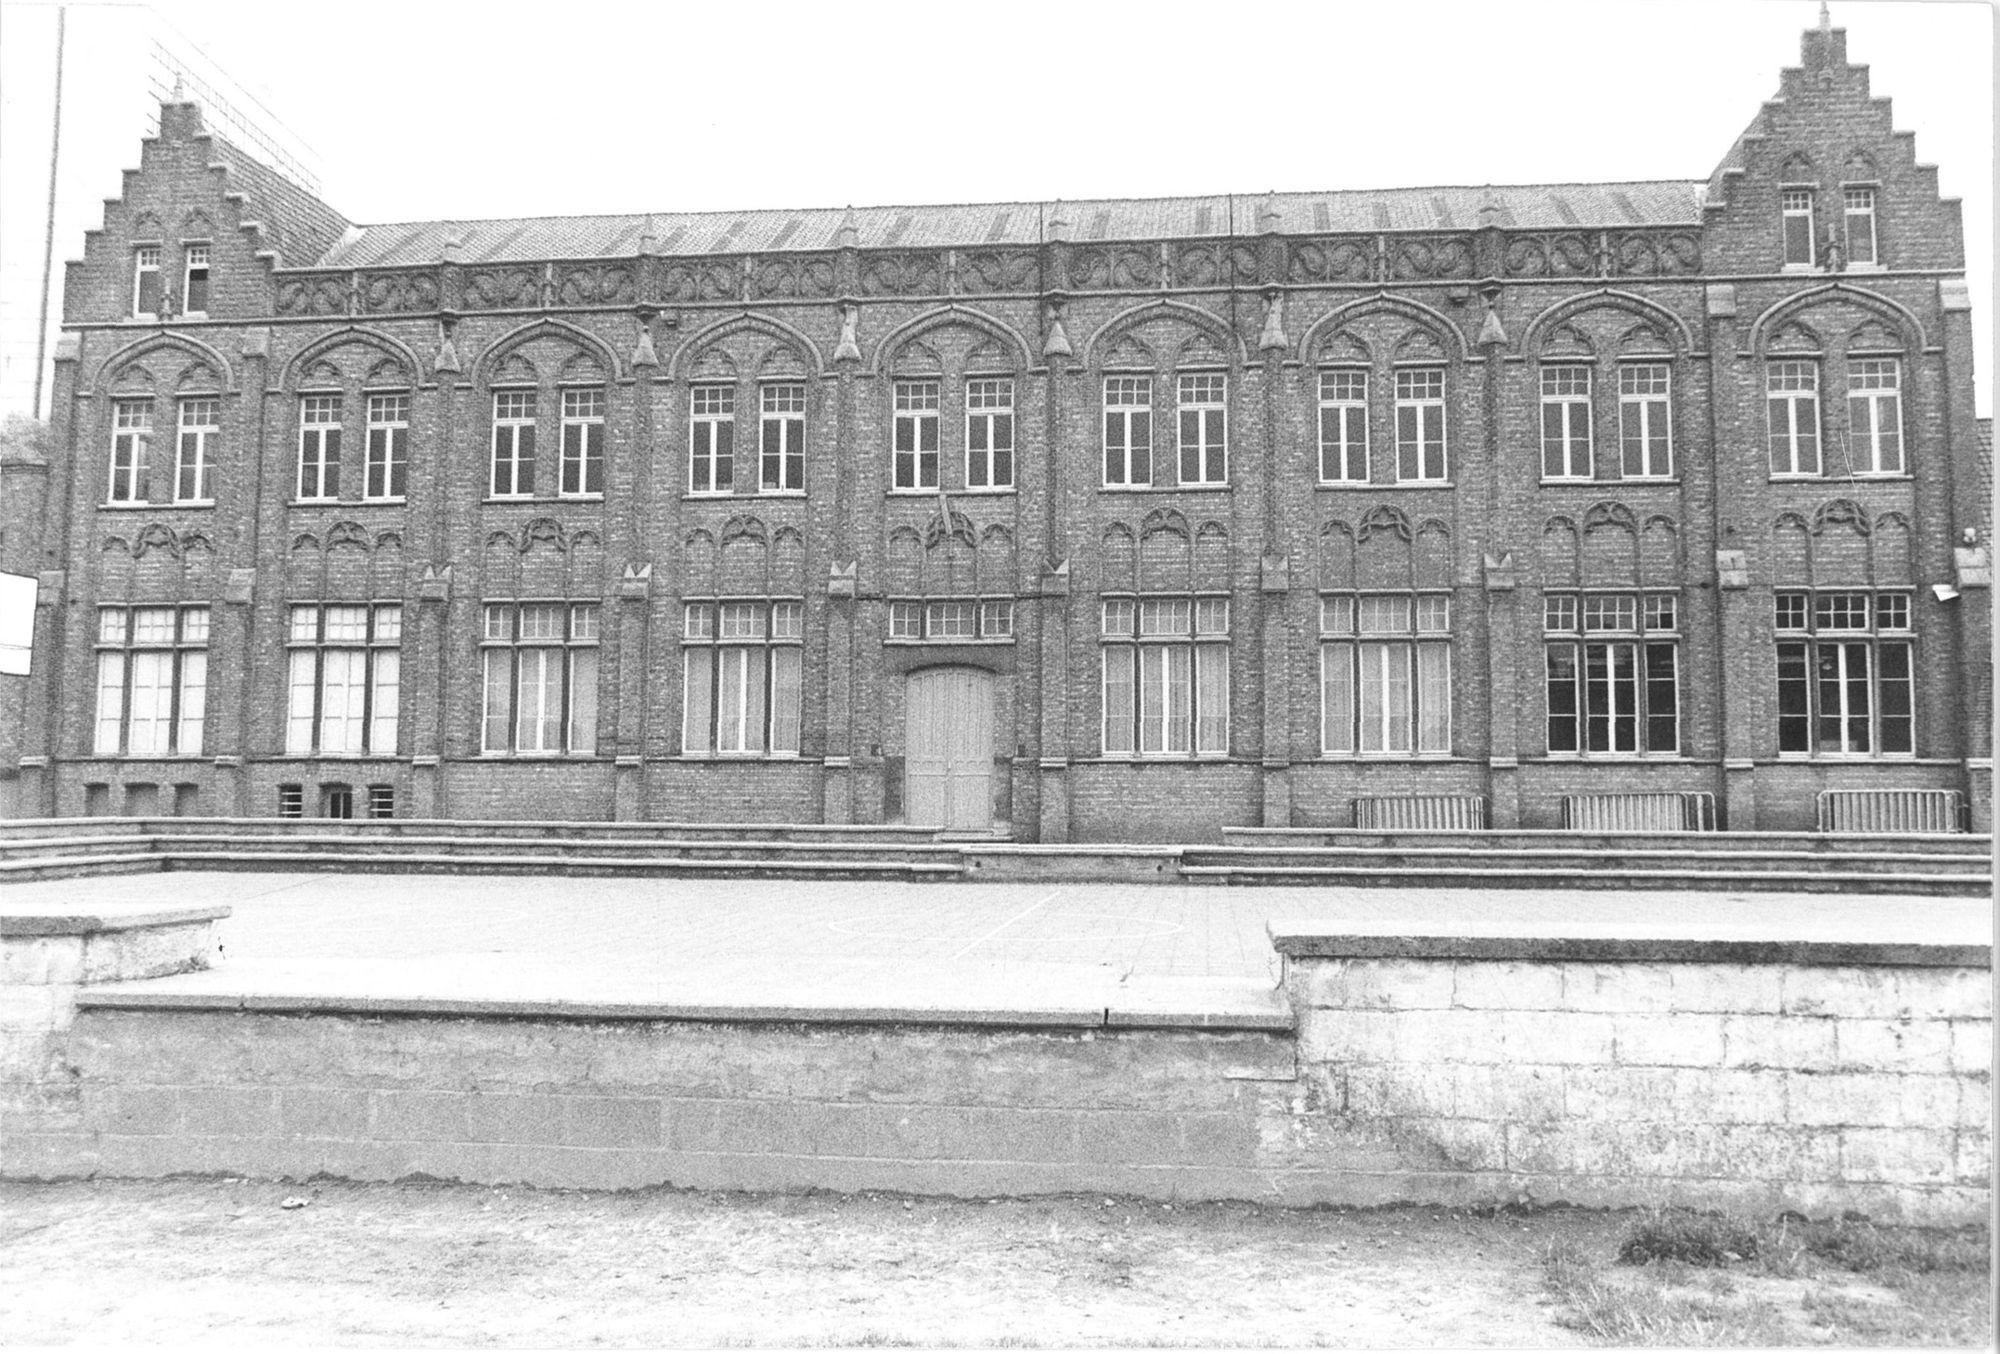 Feestzaal-Slaapzaal van het Sint-Amandscollege